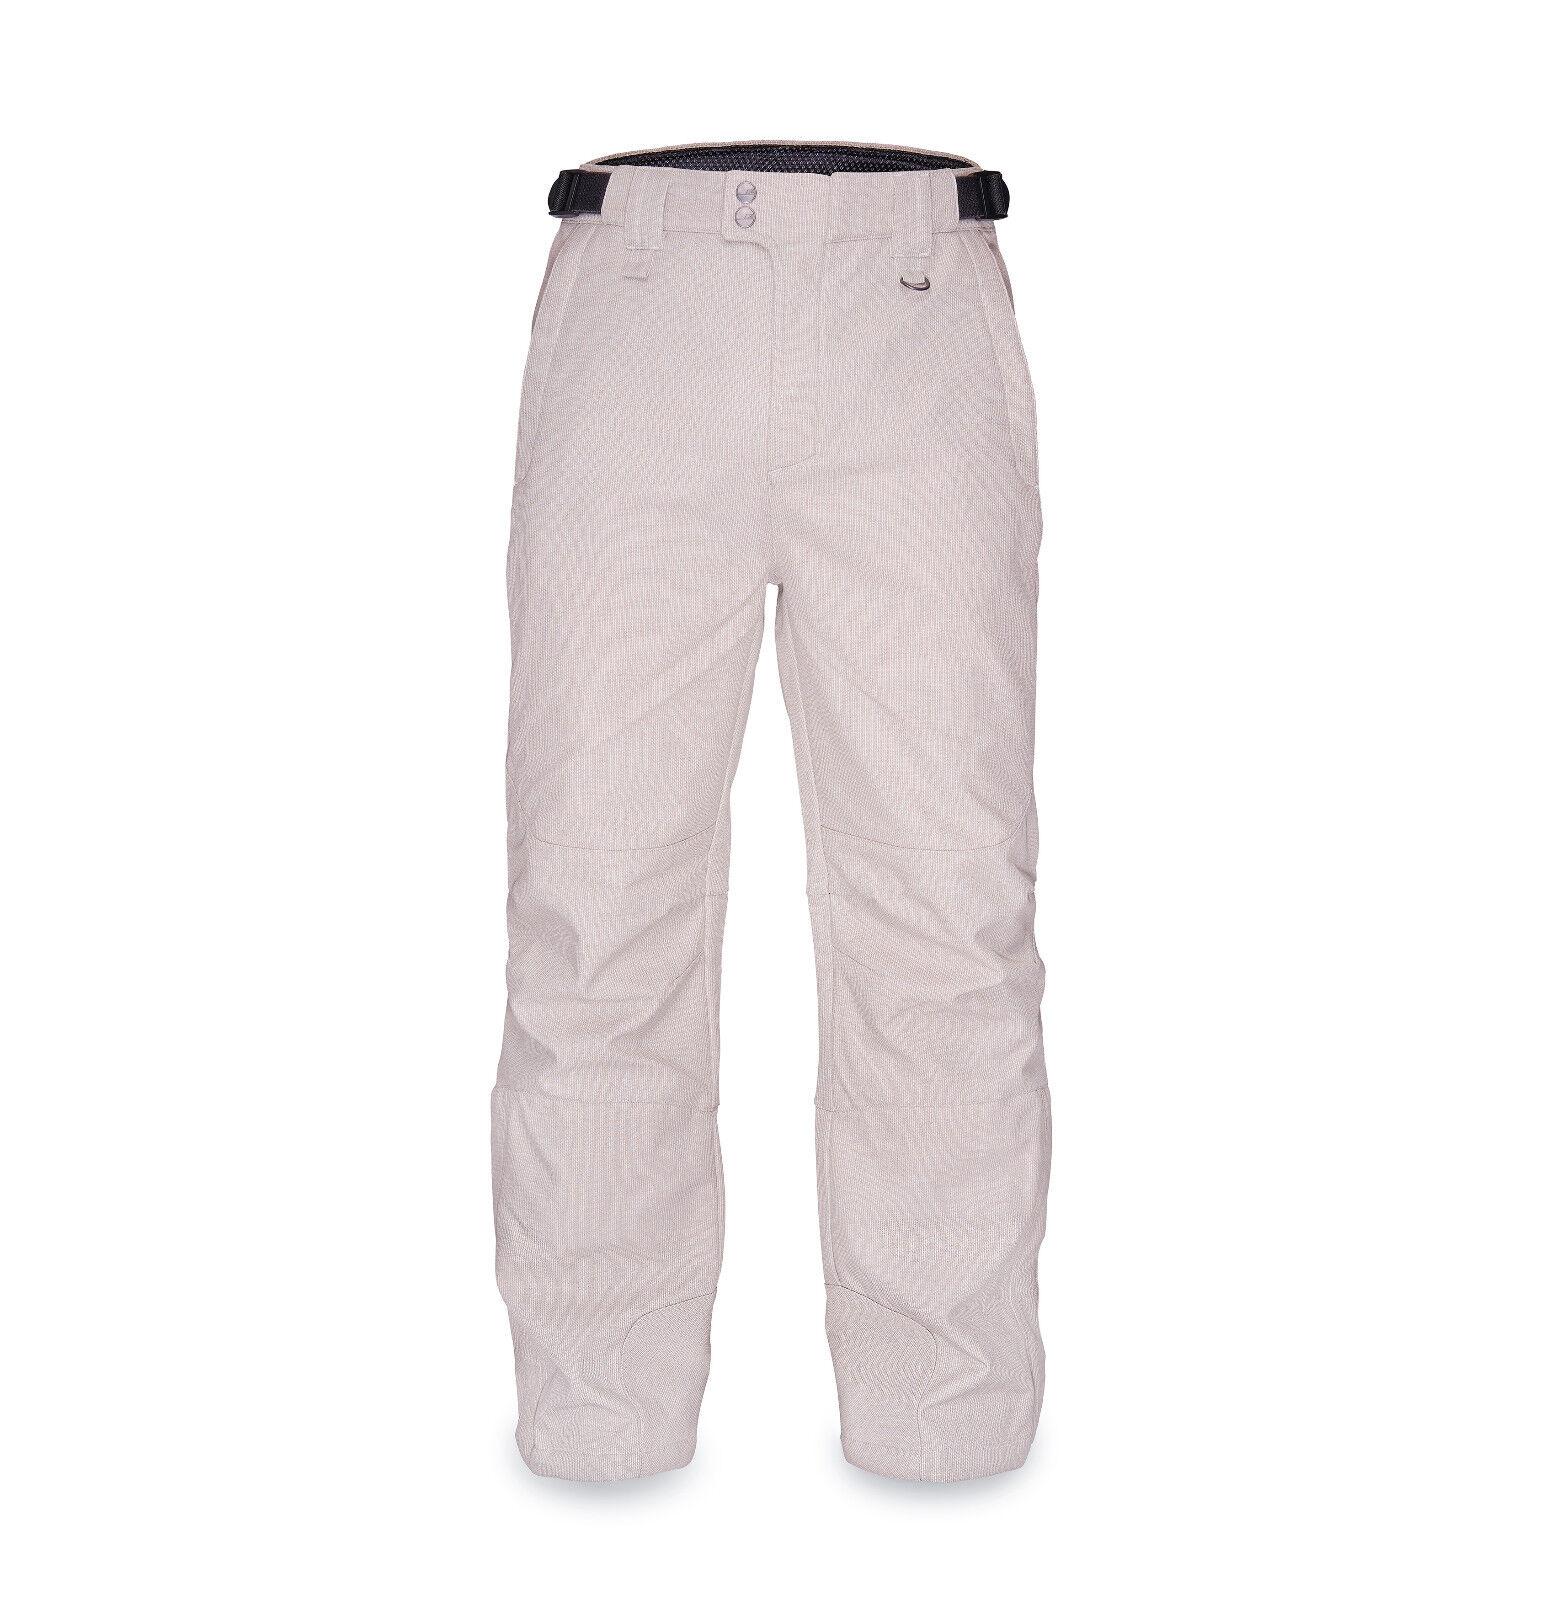 Dare2b Esquí y y y Pantalones de Snowboard Revere Pantalones Oatmeal Nuevo e75e37